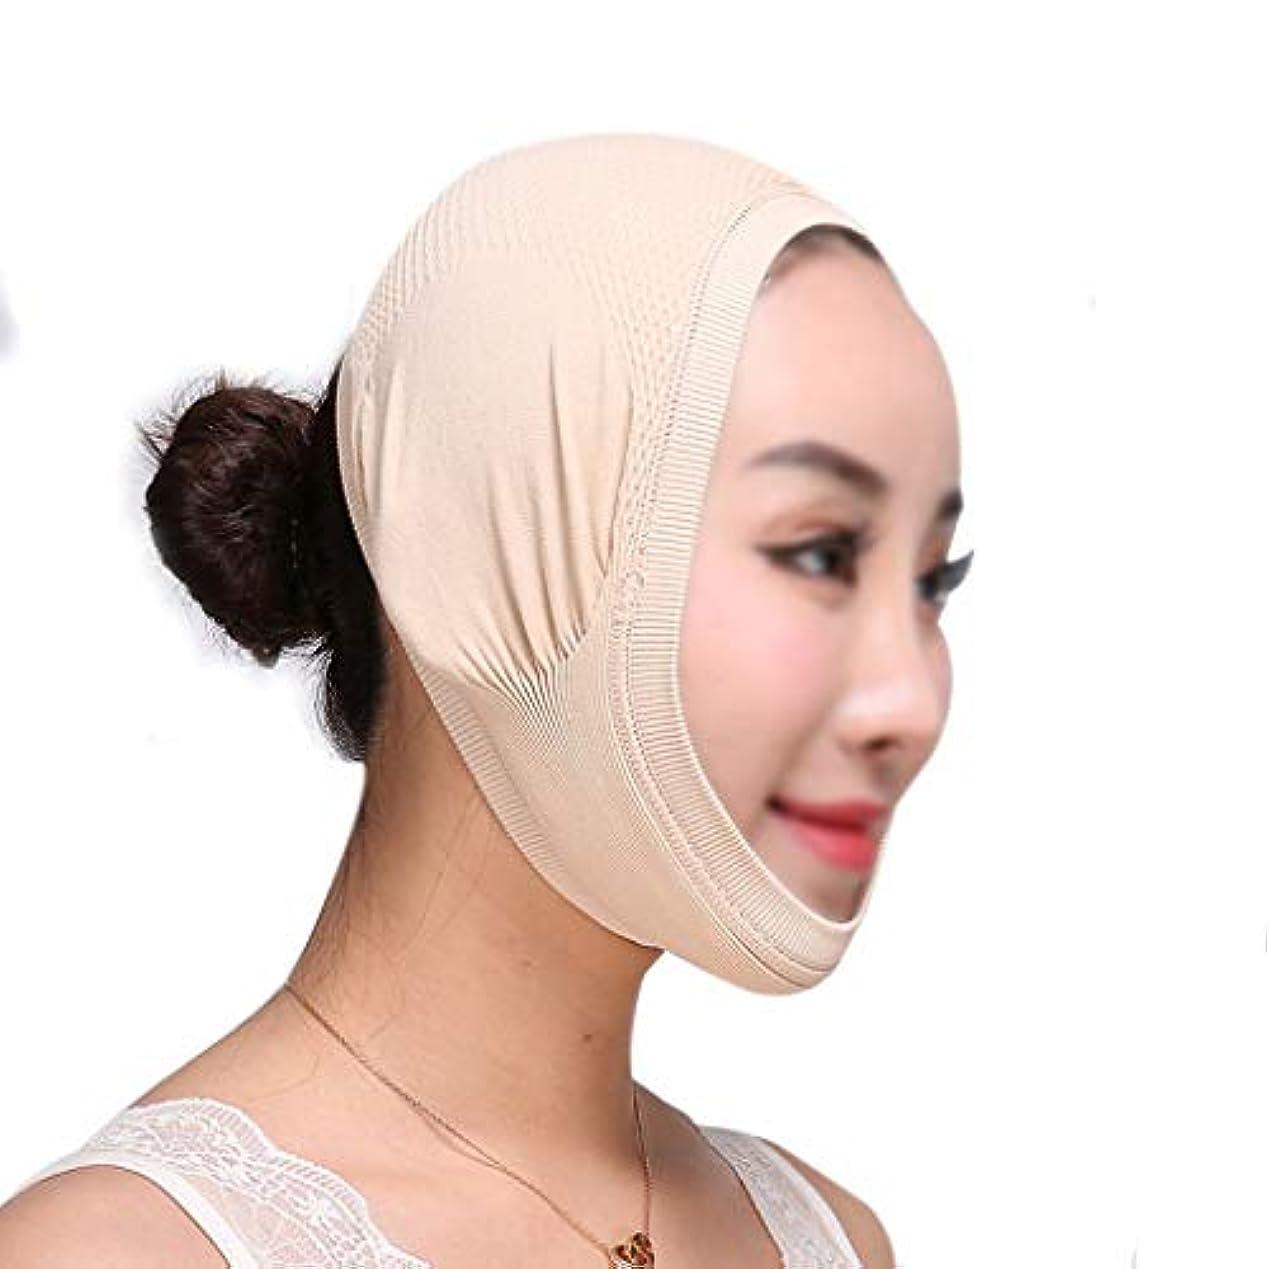 餌見る人行商人XHLMRMJ 整形外科病院ライン彫刻術後回復ヘッドギア医療マスク睡眠vフェイスリフティング包帯薄いフェイスマスク (Size : Skin tone(B))